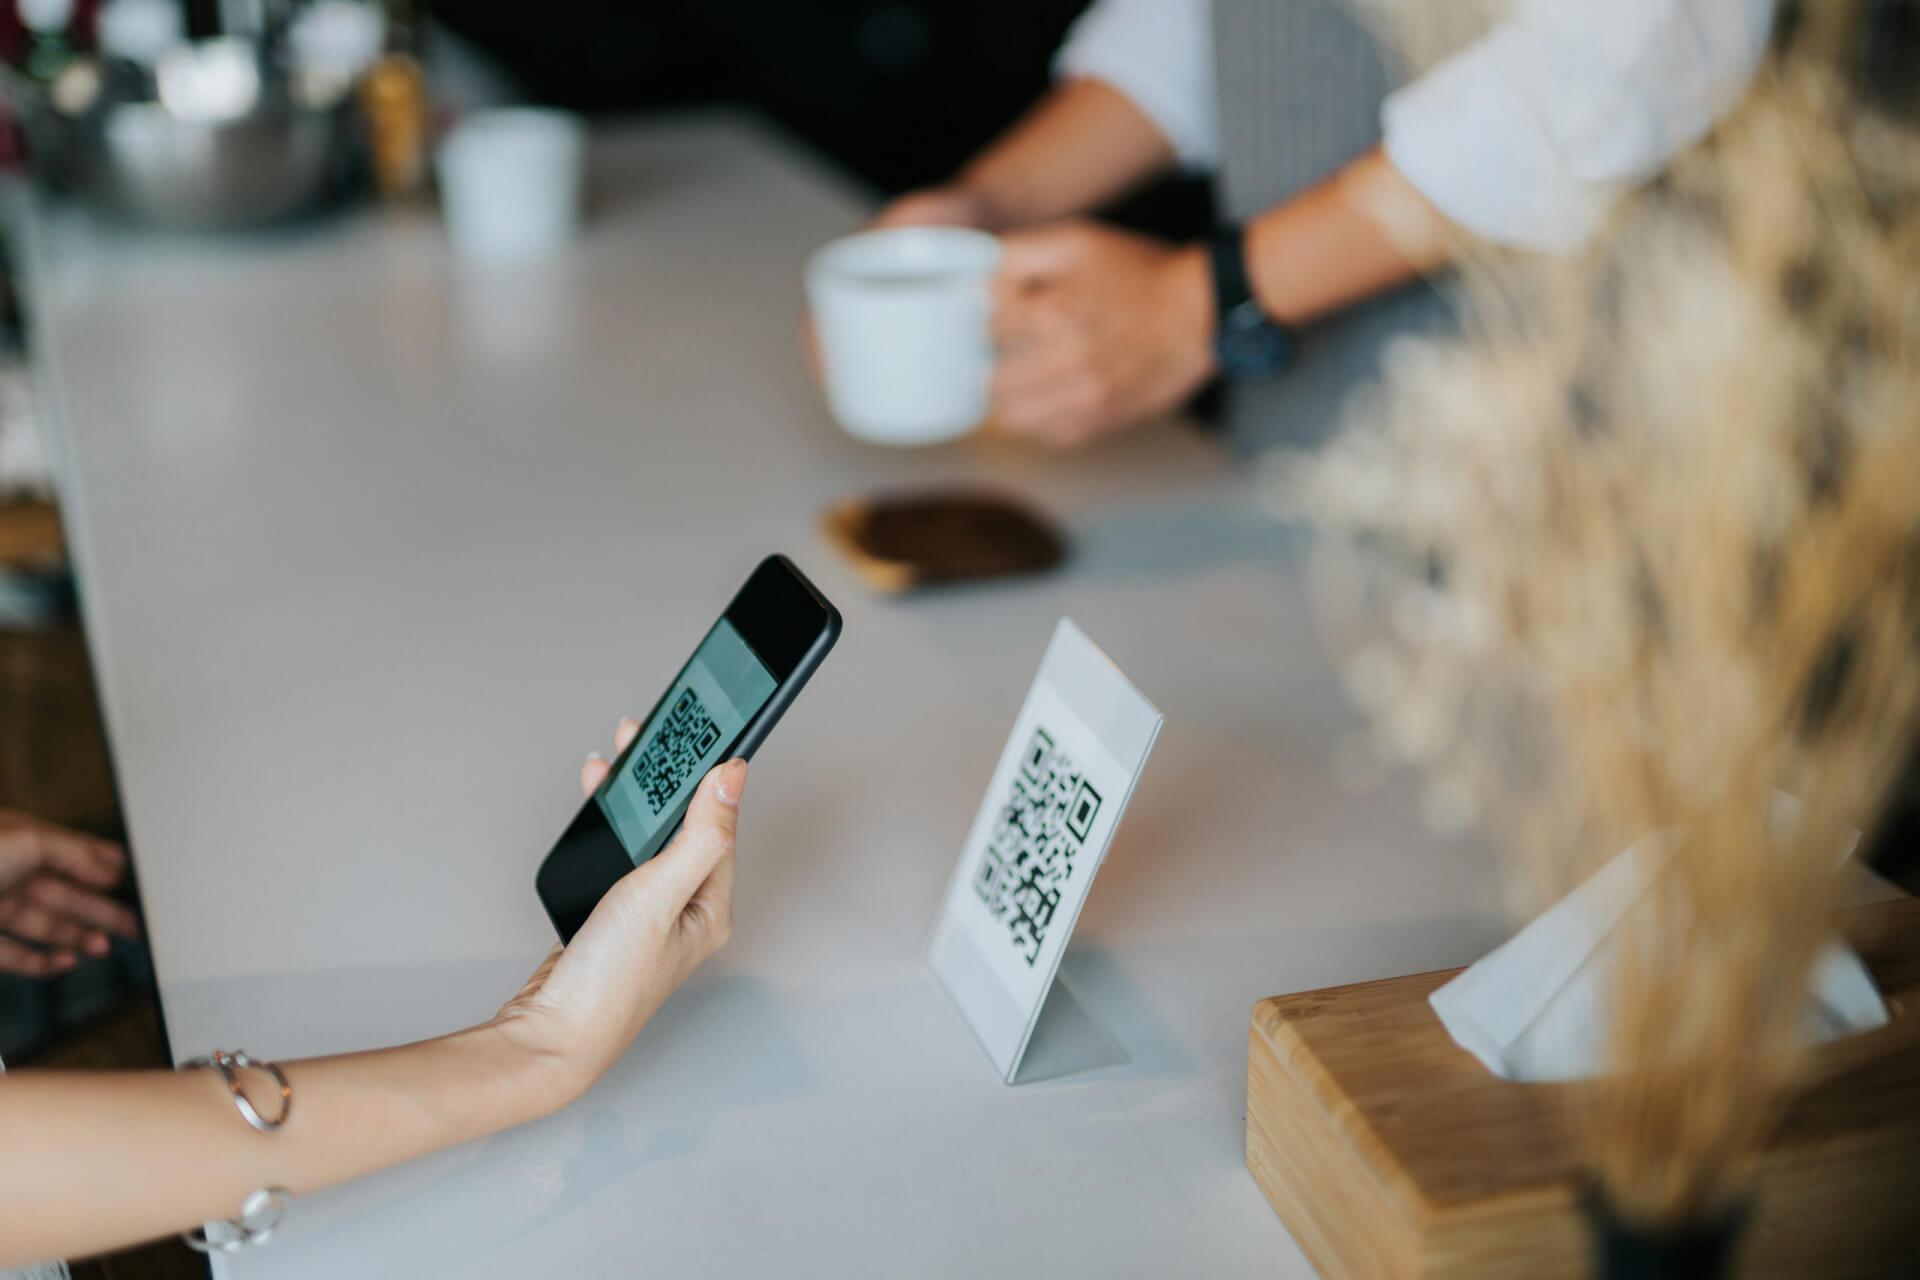 Первый день обязательного QR-кода в ресторанах. Траты в Москве и РФ